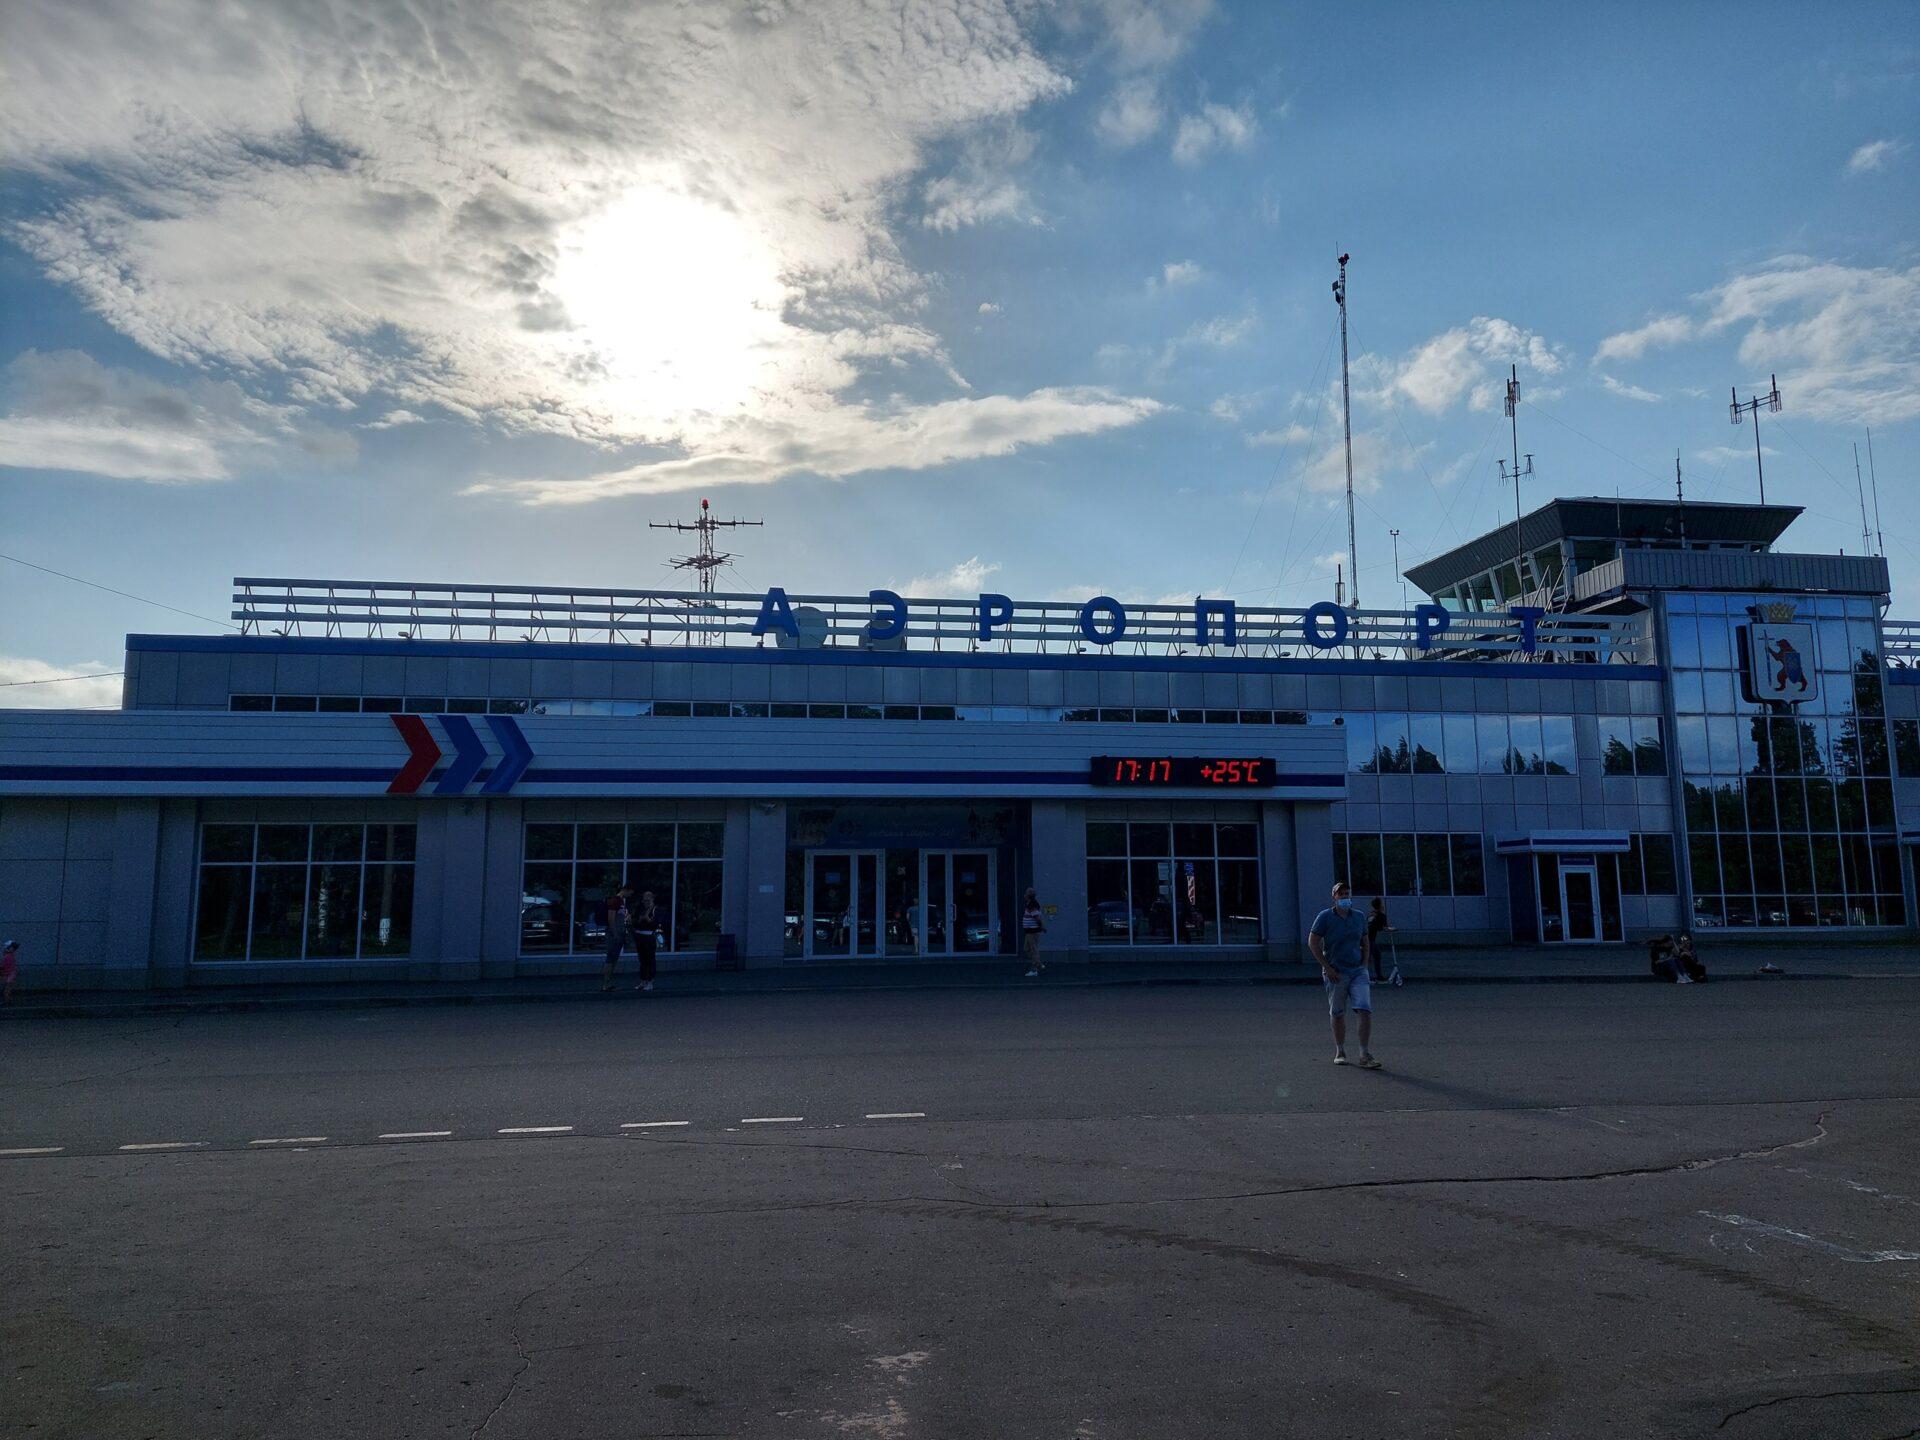 Капремонт на первом этаже аэропорта Йошкар-Олы оценили в 6,2 млн рублей